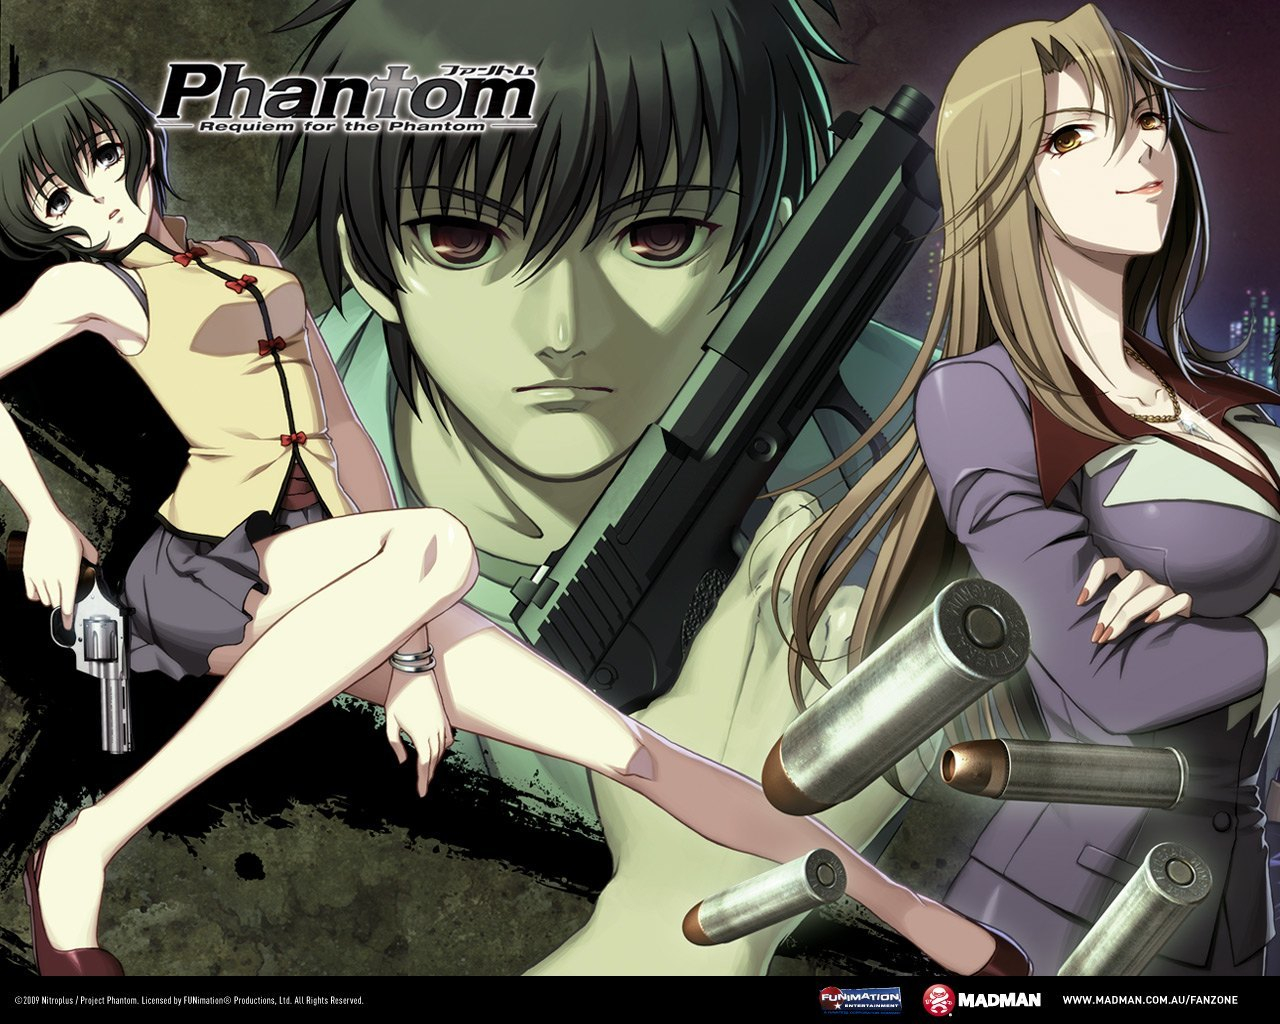 虚淵玄の原点【Phantom~Requiem for the Phantom~】を語る!原点はハリウッド?